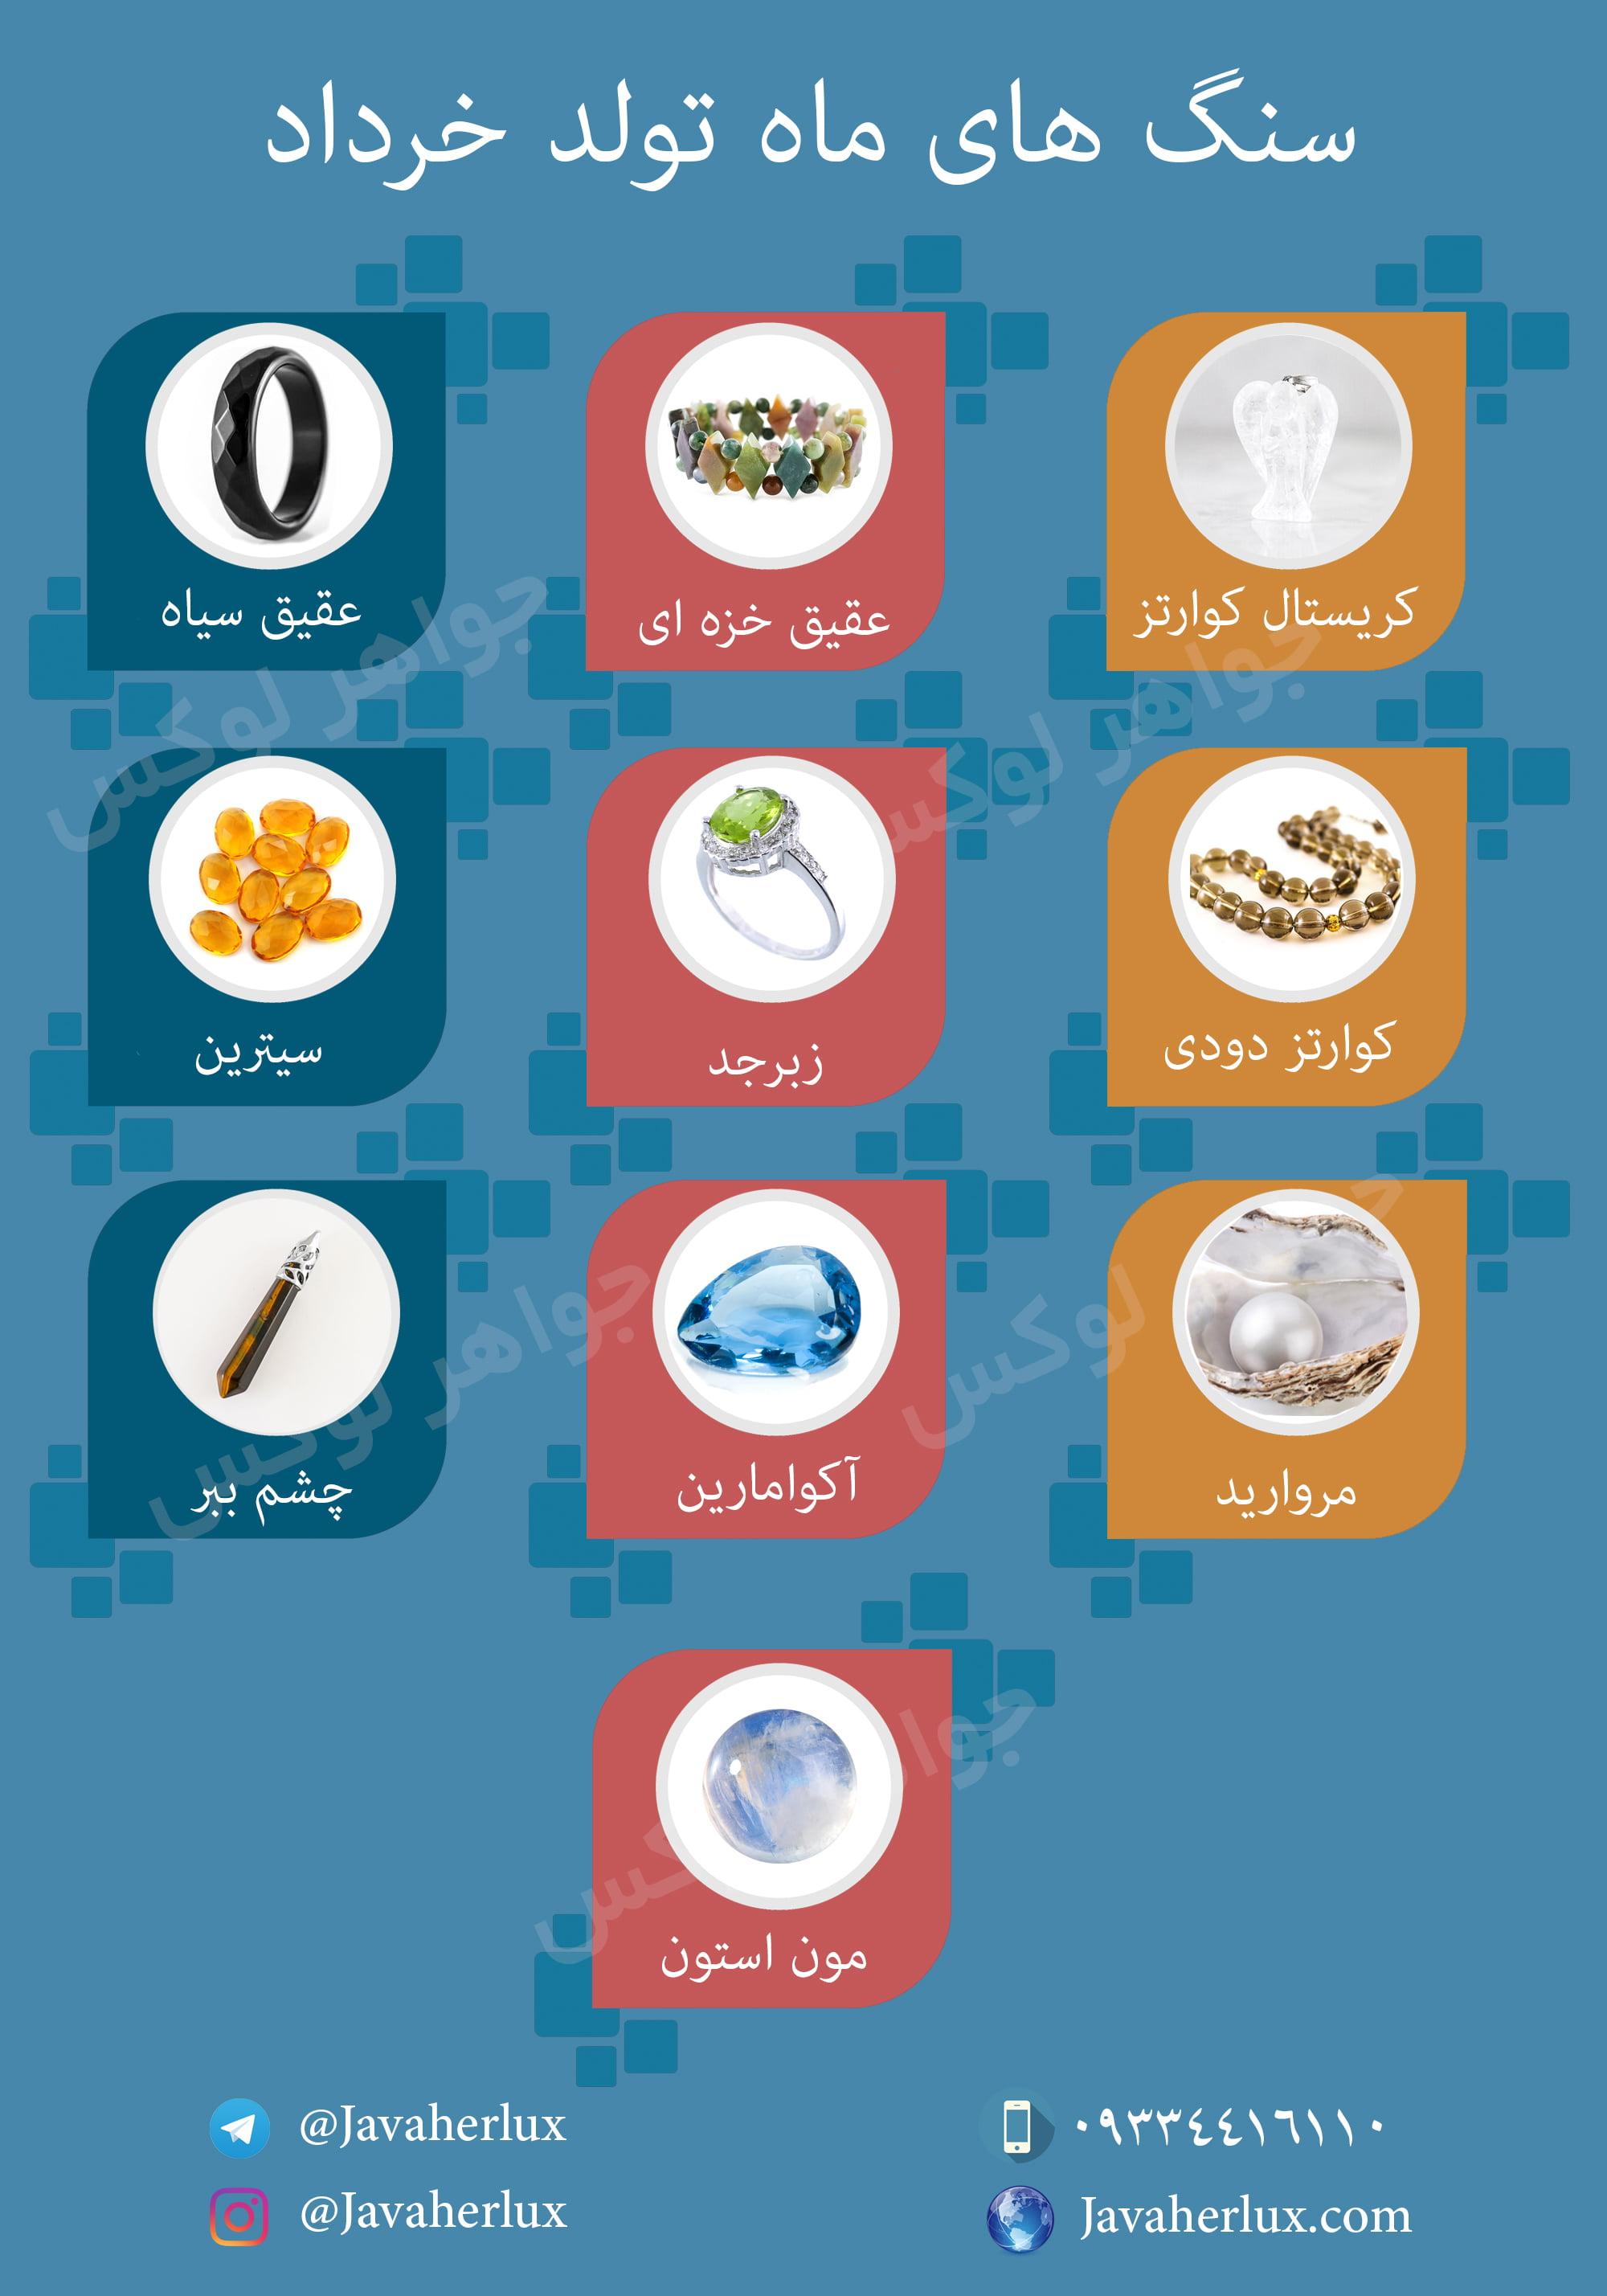 نام حیوان ماه خرداد